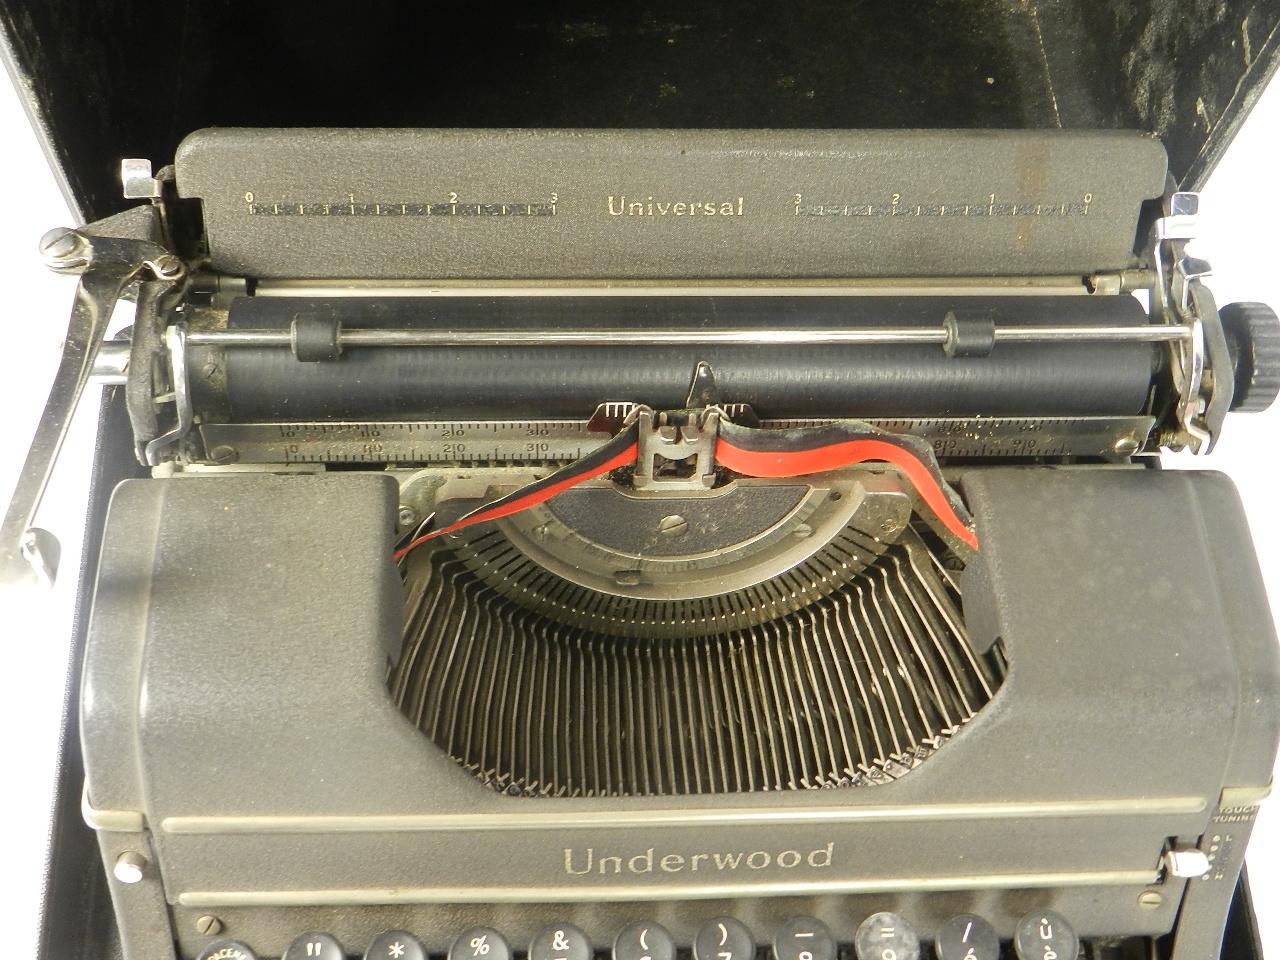 Imagen UNDERWOOD UNIVERSAL AÑO 1947 30868